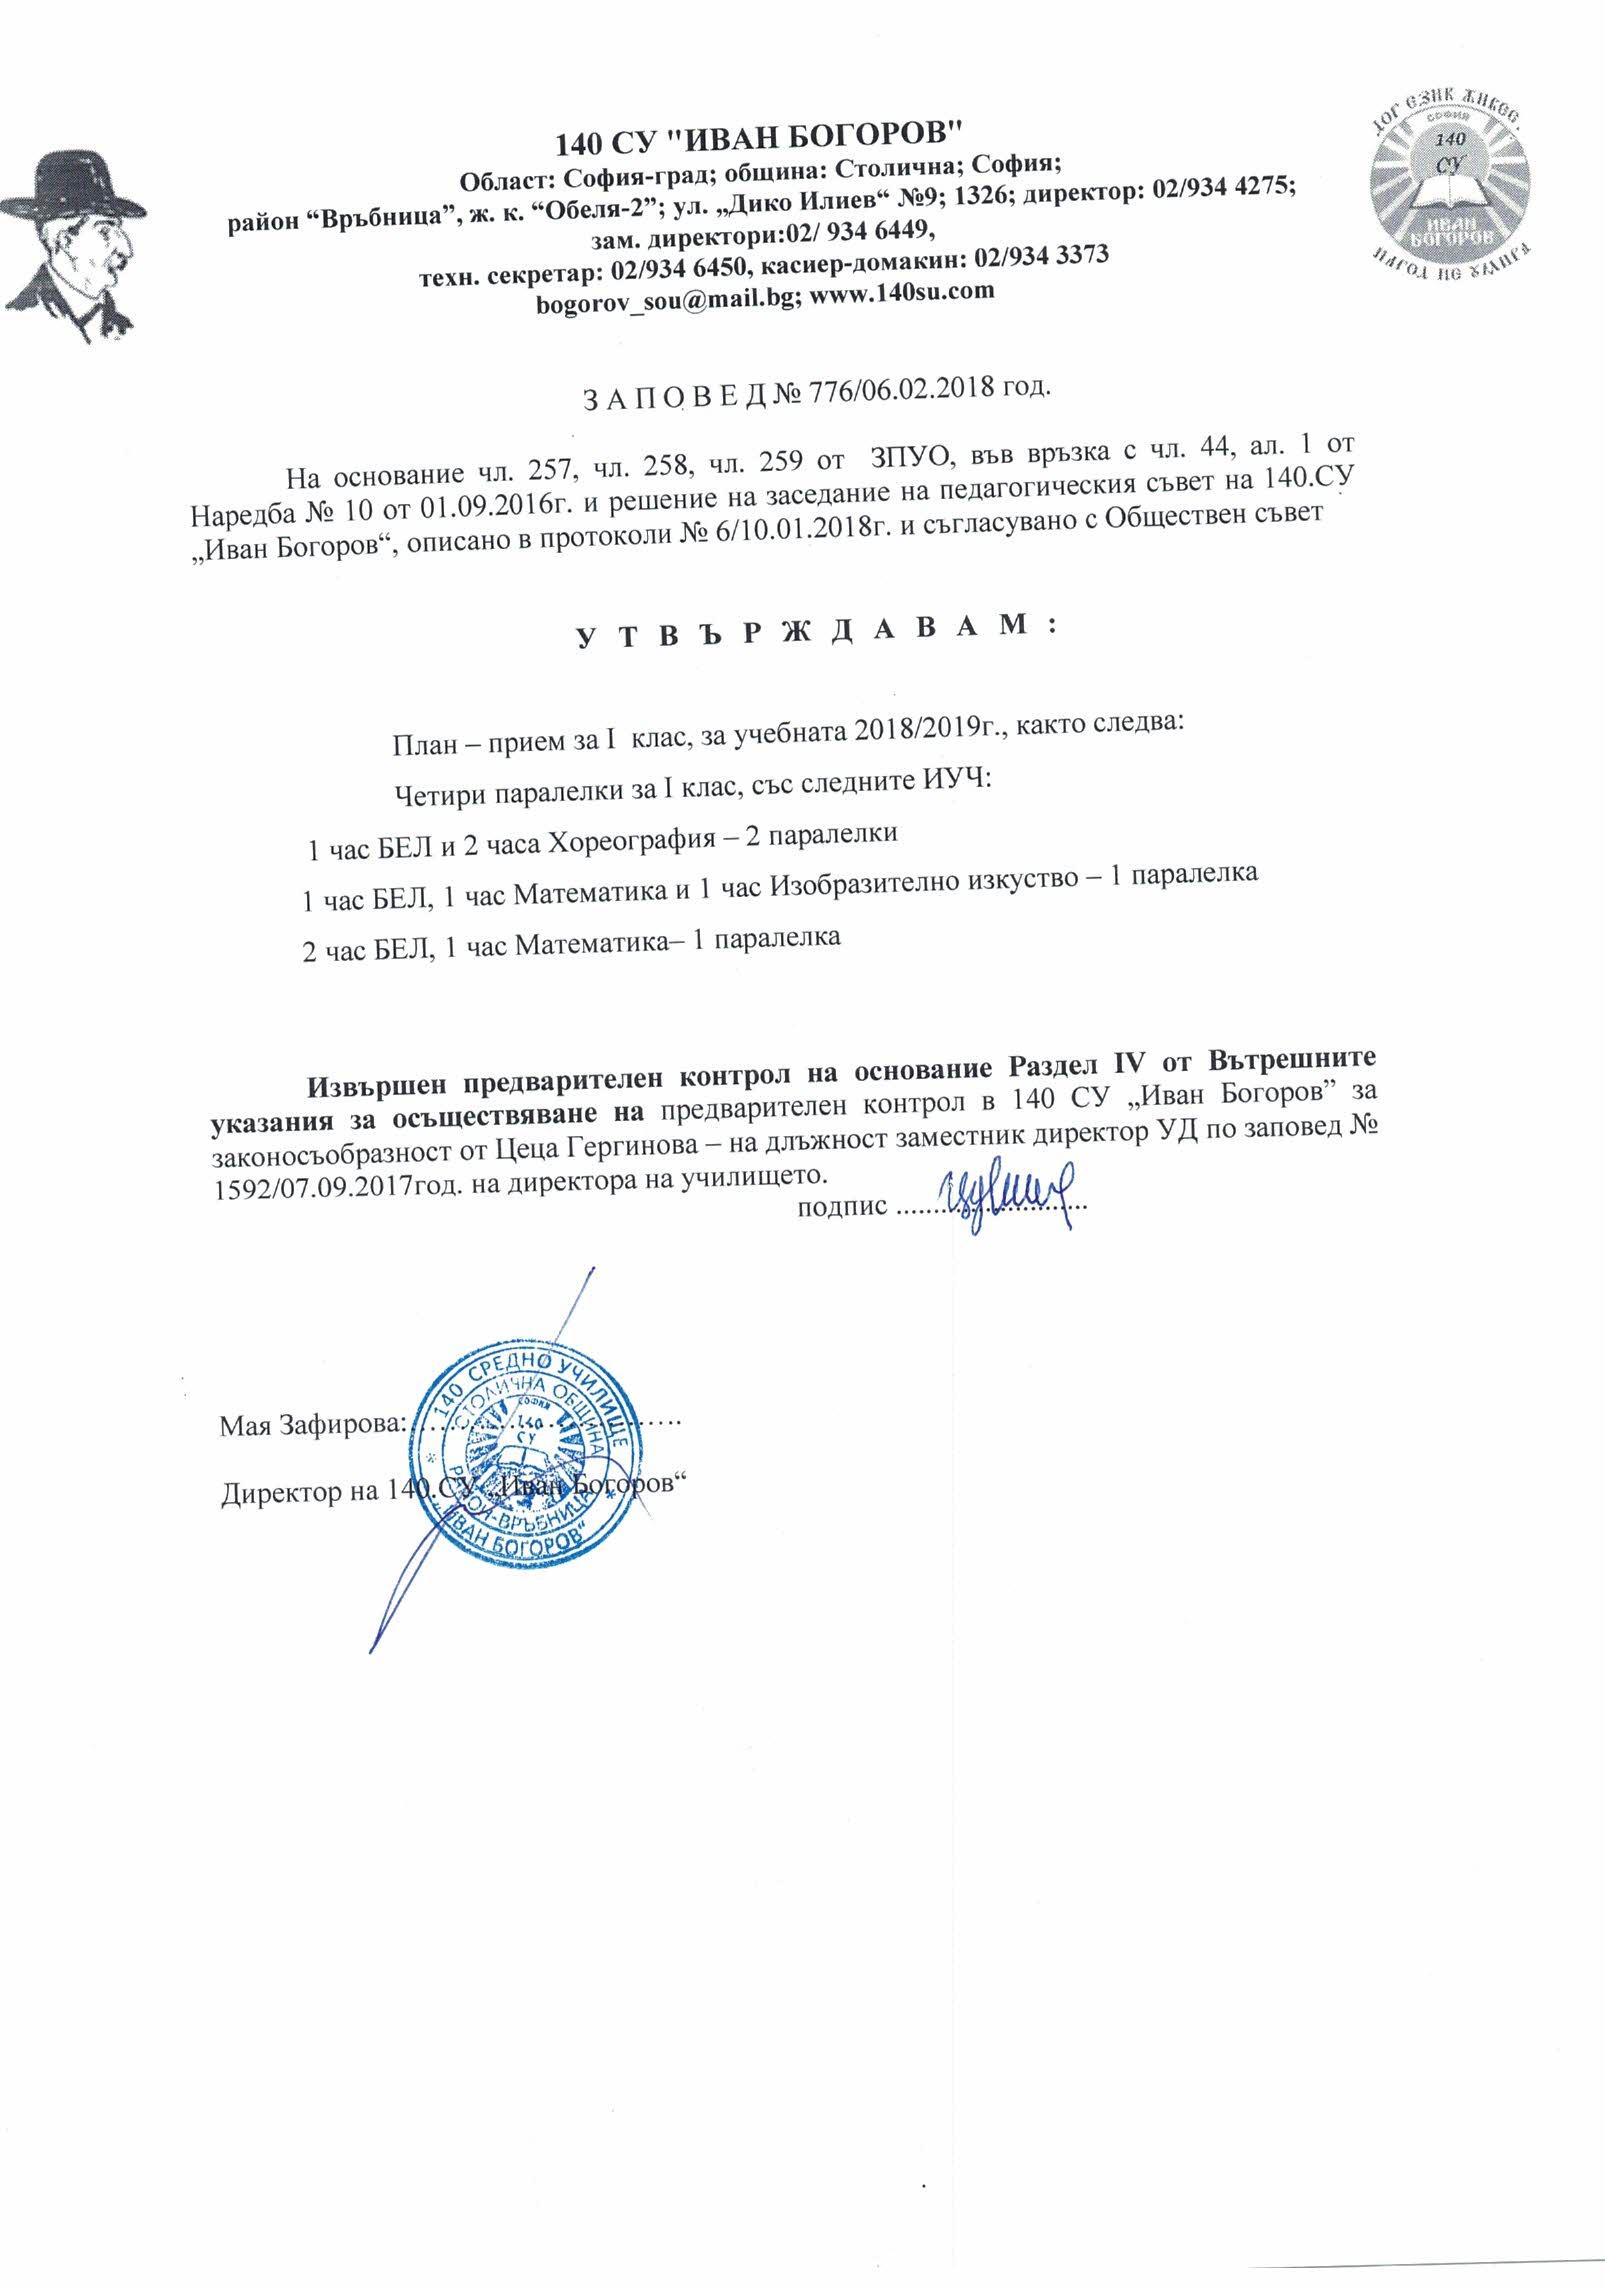 План-прием I клас 2018/2019г.